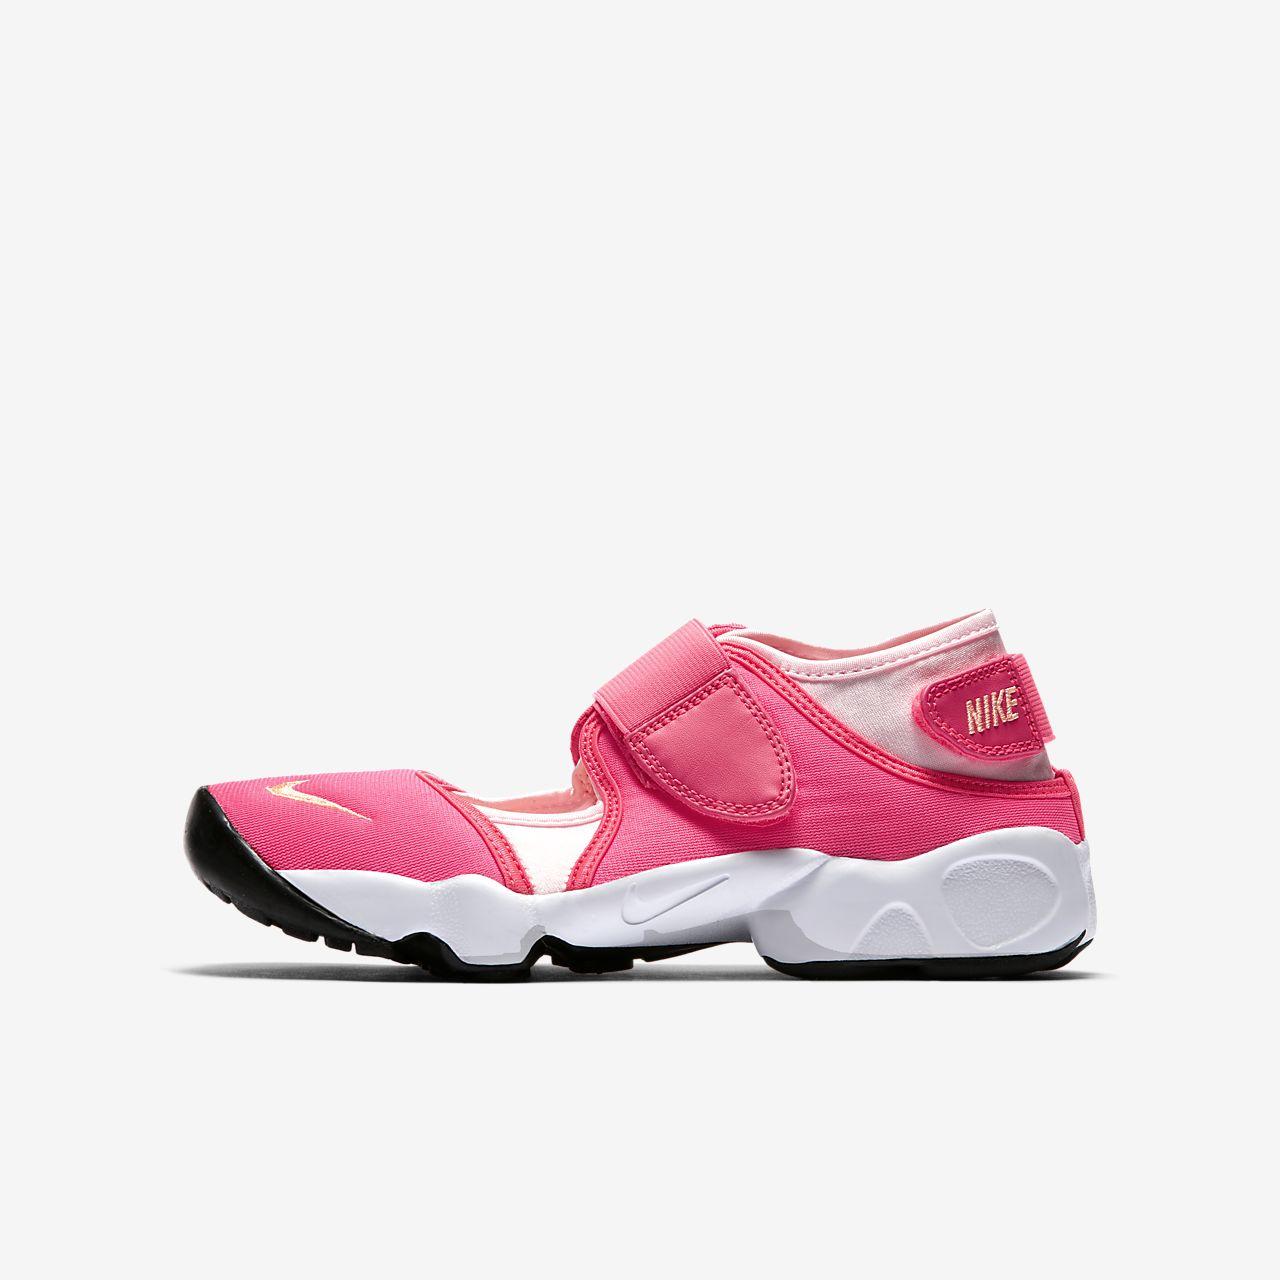 official photos fb0fa fa8f7 ... Chaussure Nike Rift pour Jeune enfant Enfant plus âgé